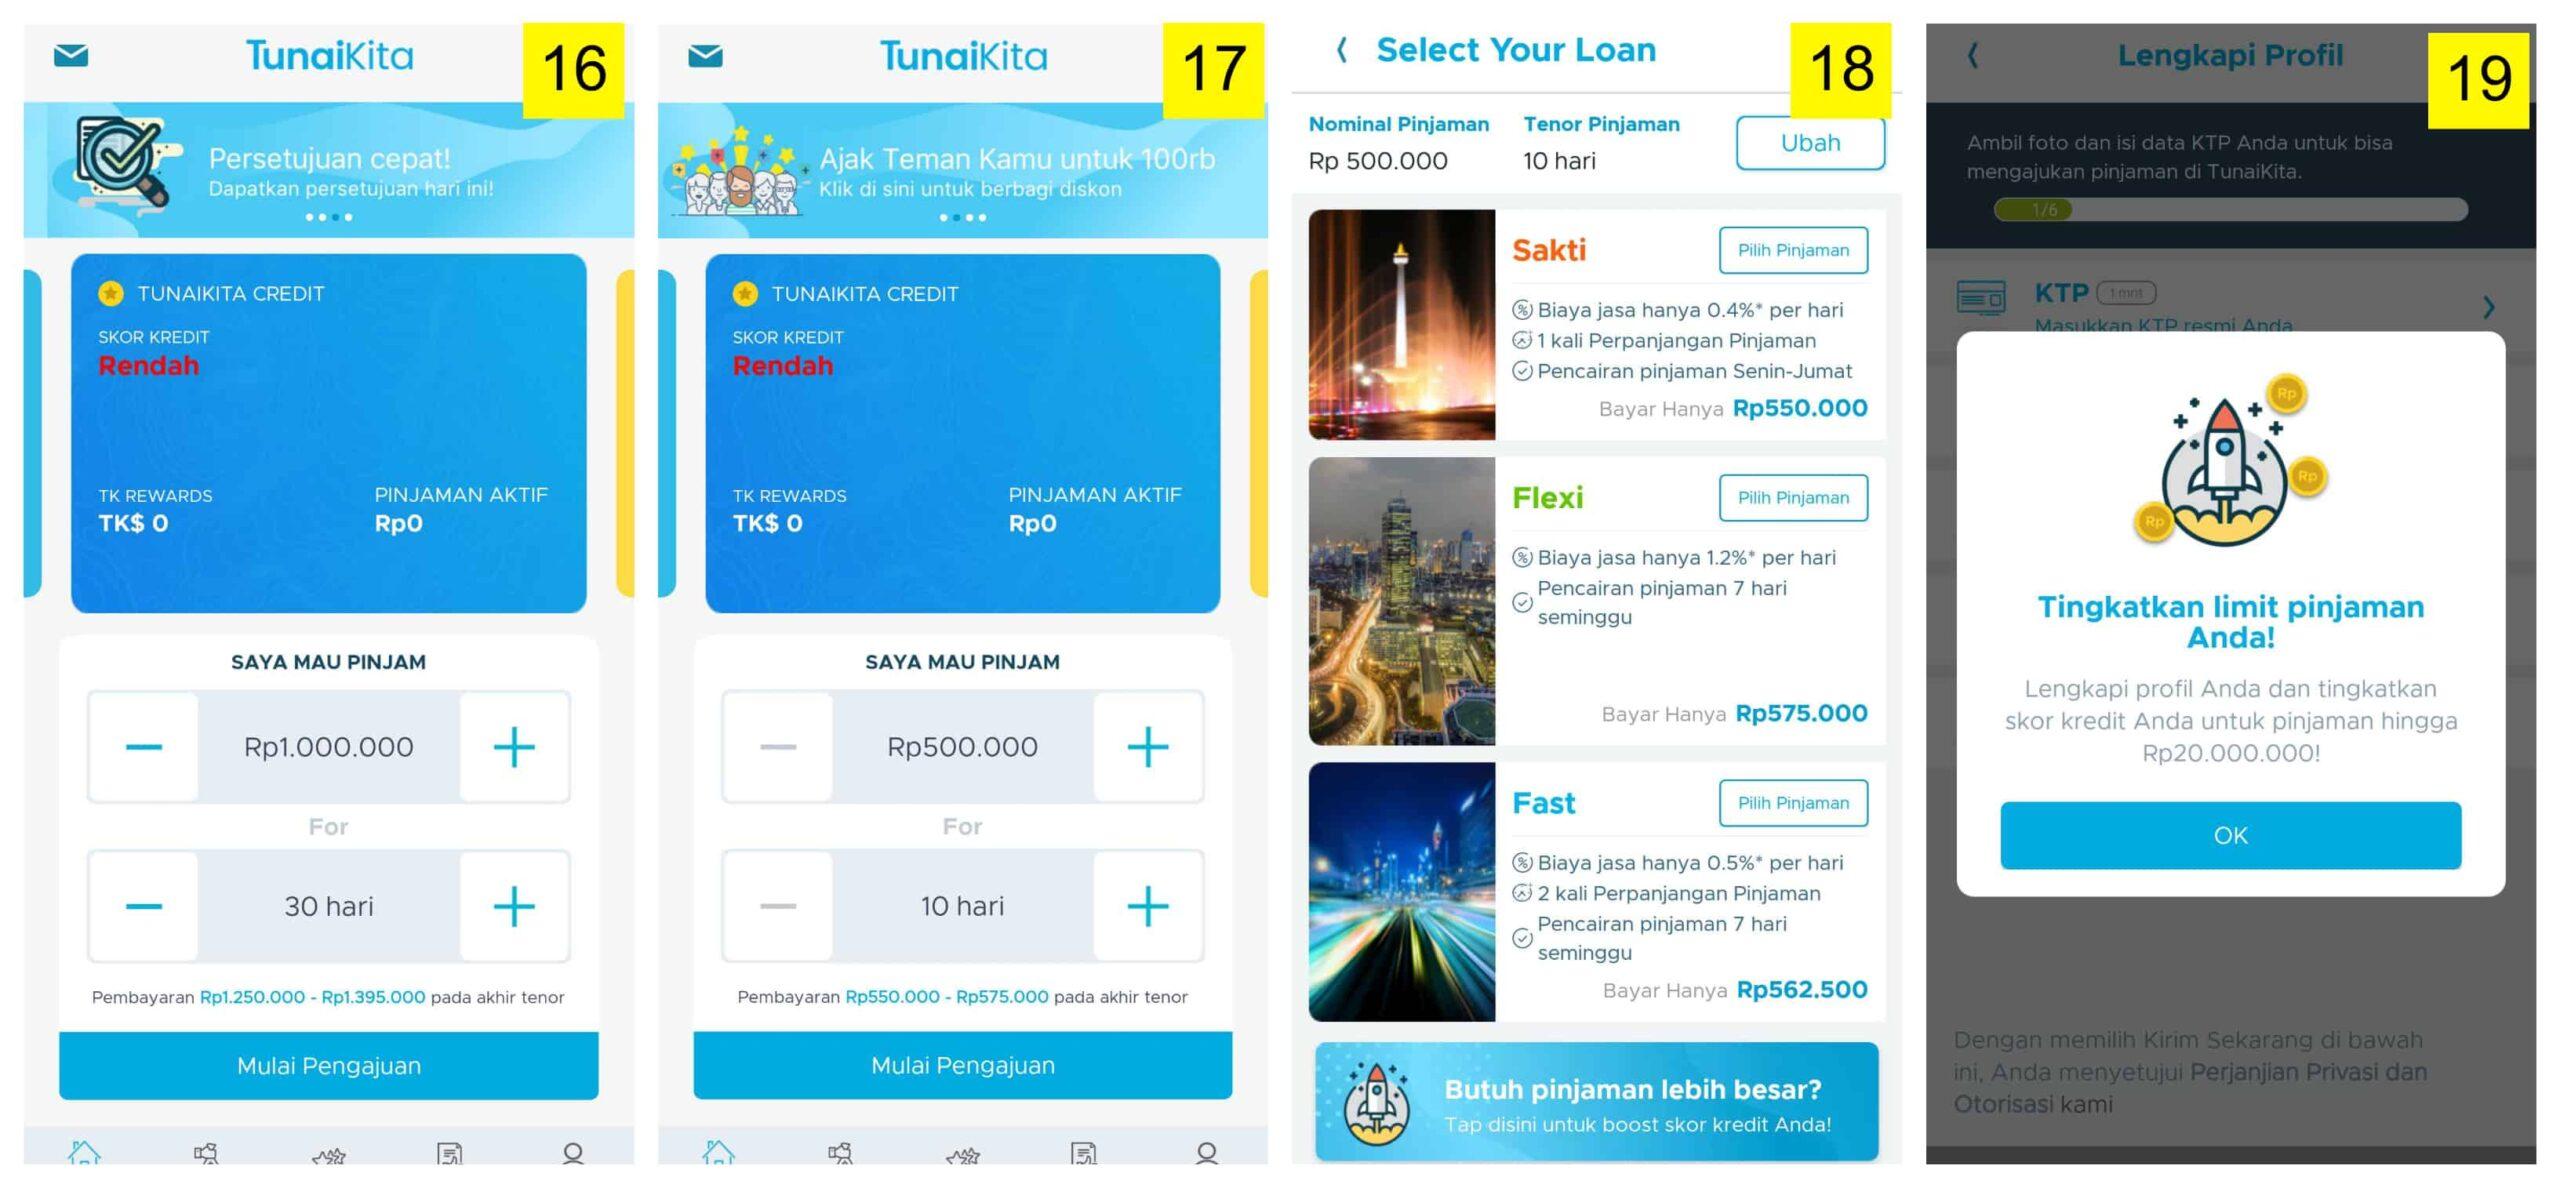 Pilihan Plafon dan Tenor Pinjaman Uang Online TunaiKita